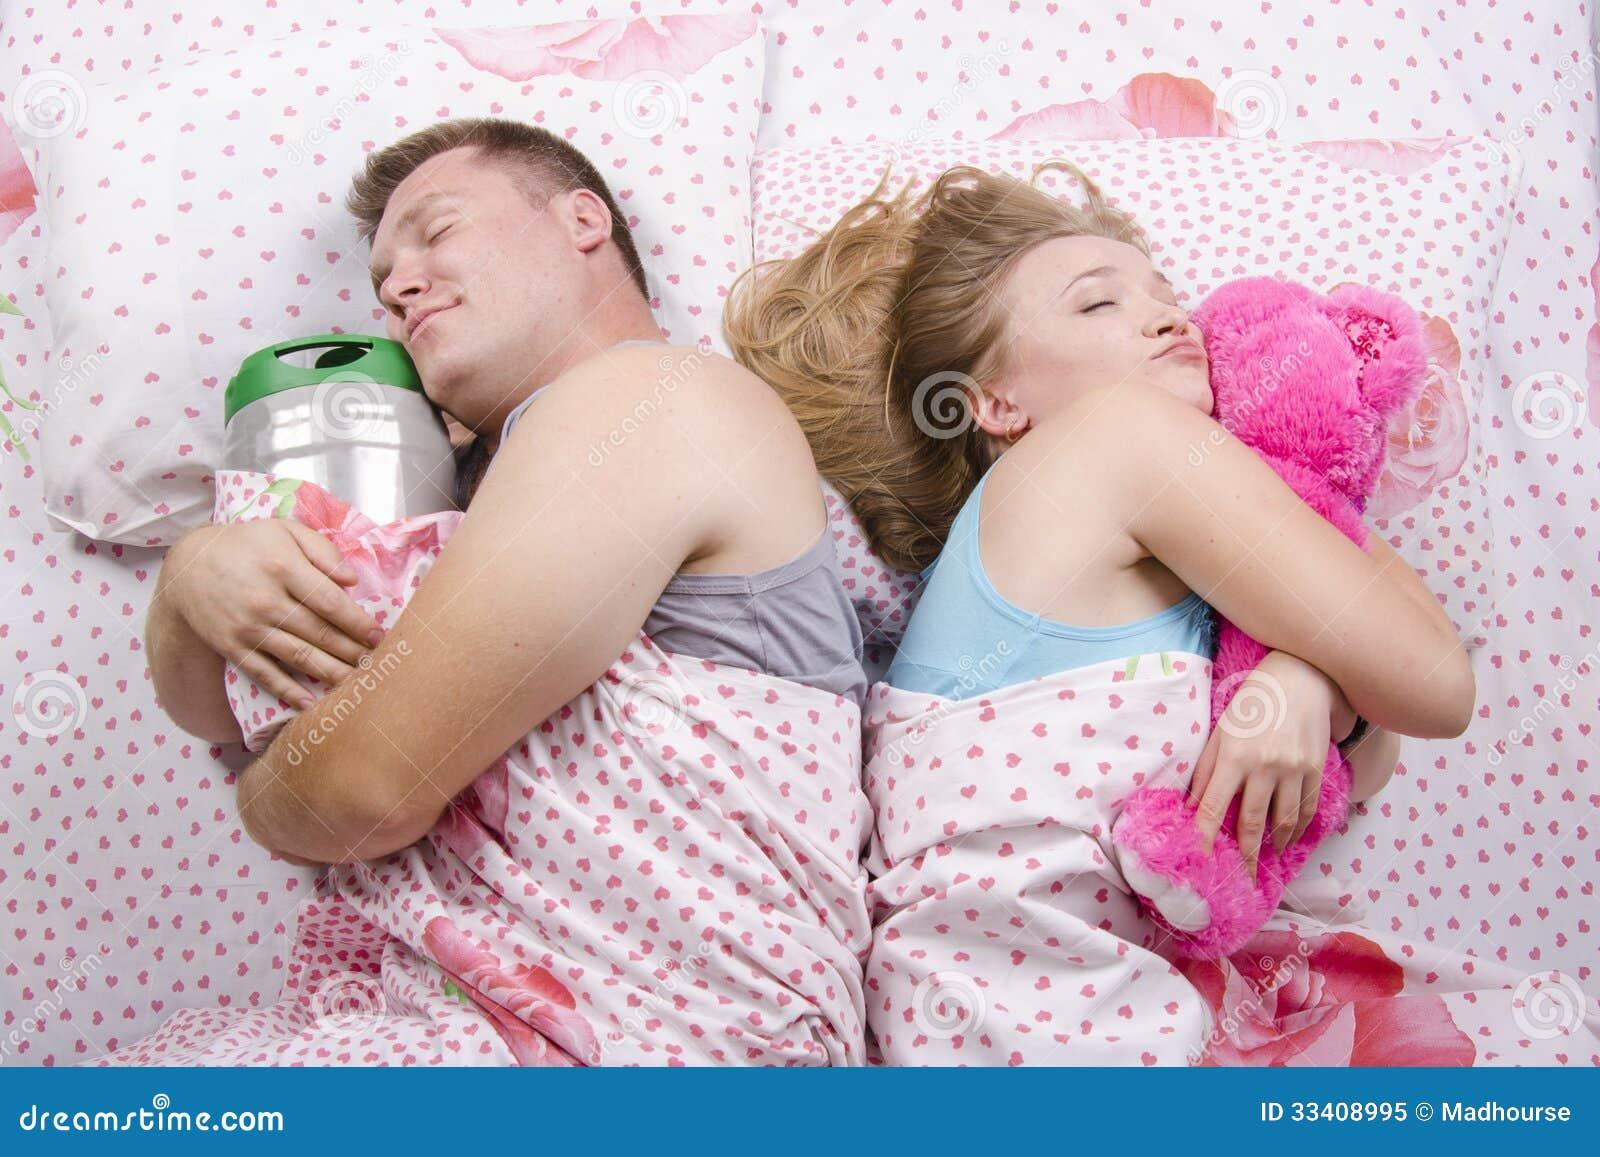 С женой в кровате фото 2 фотография